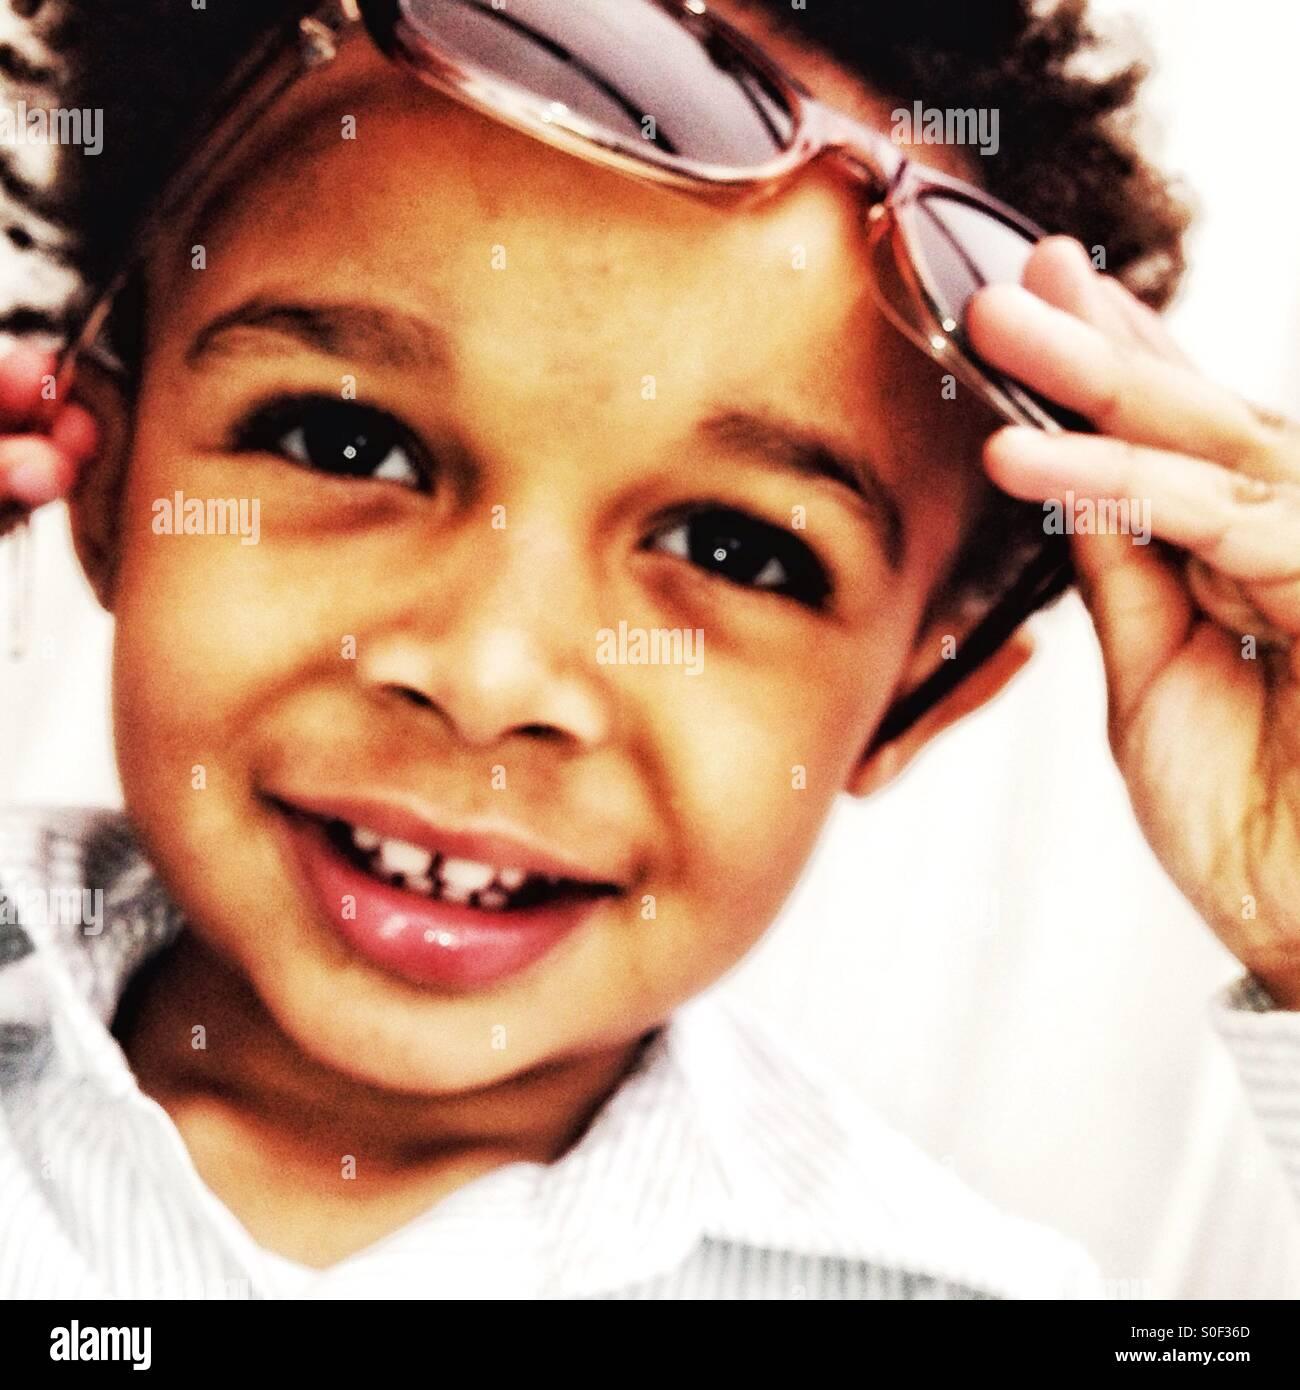 Kleiner Junge mit Sonnenbrille Stockbild